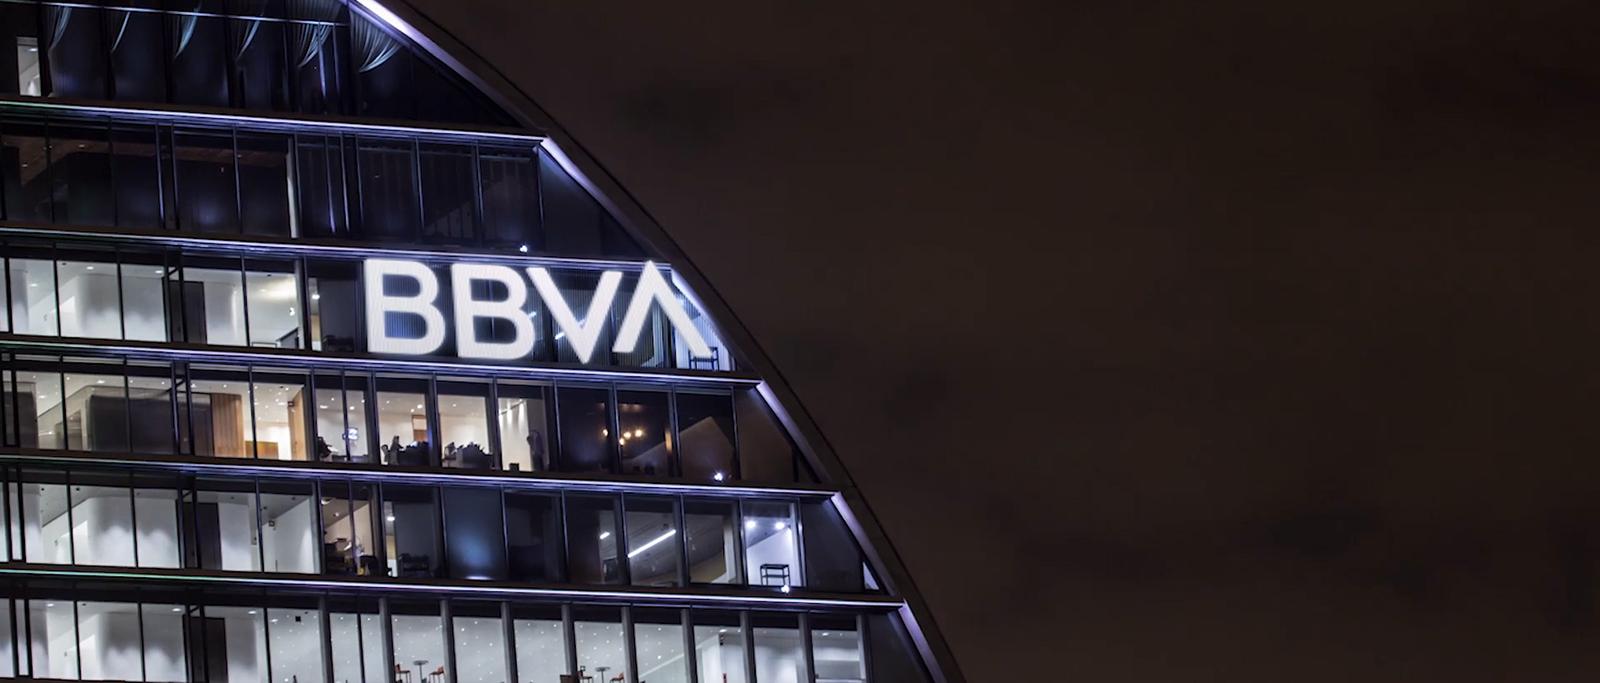 世界上最大的金融機構之一的BBVA啟動全新的品牌VI形象-深圳VI設計8